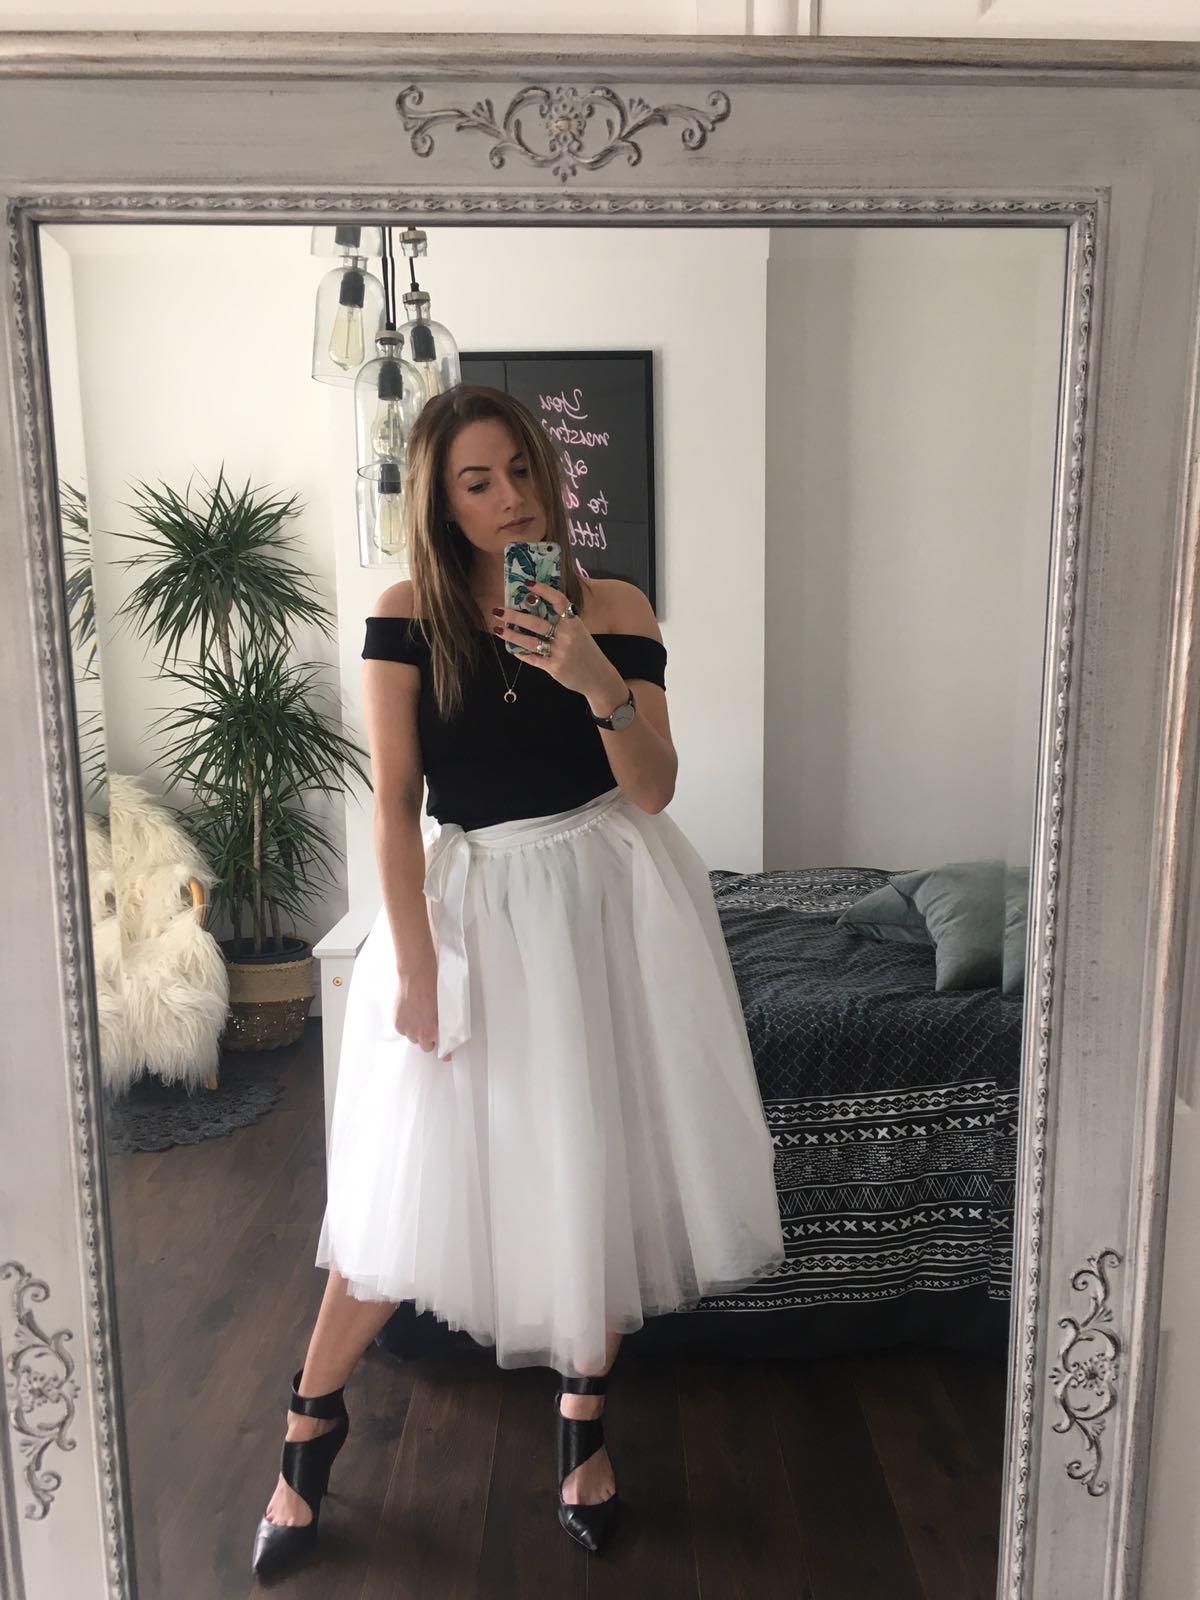 d1063ecbe Antique Rose Midi Tulle Tutu Skirt - Elsie's Attic